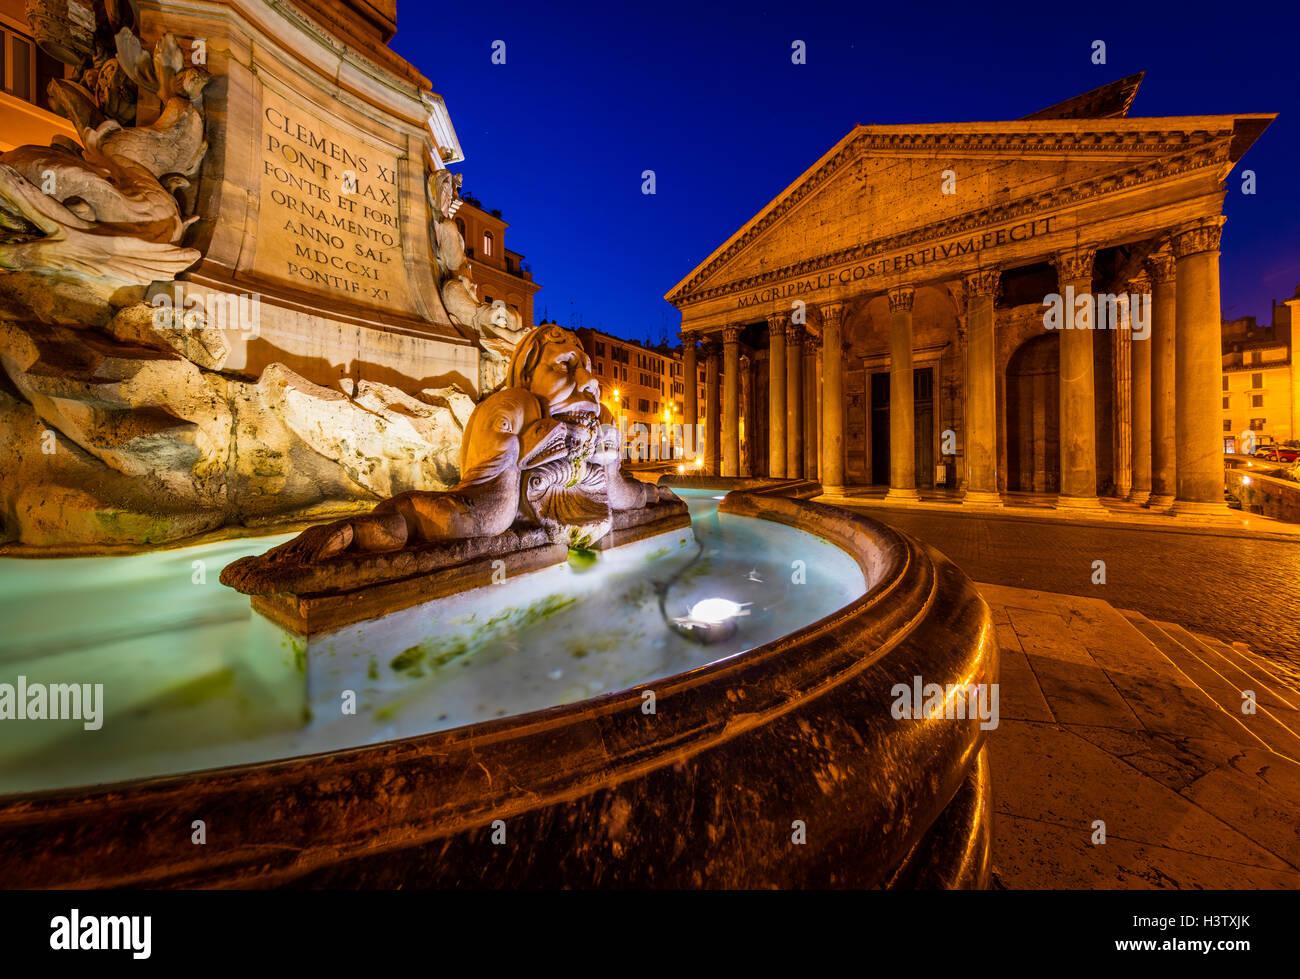 La Fontana del Panteón fuente delante del Panteón en Roma, Italia. Imagen De Stock